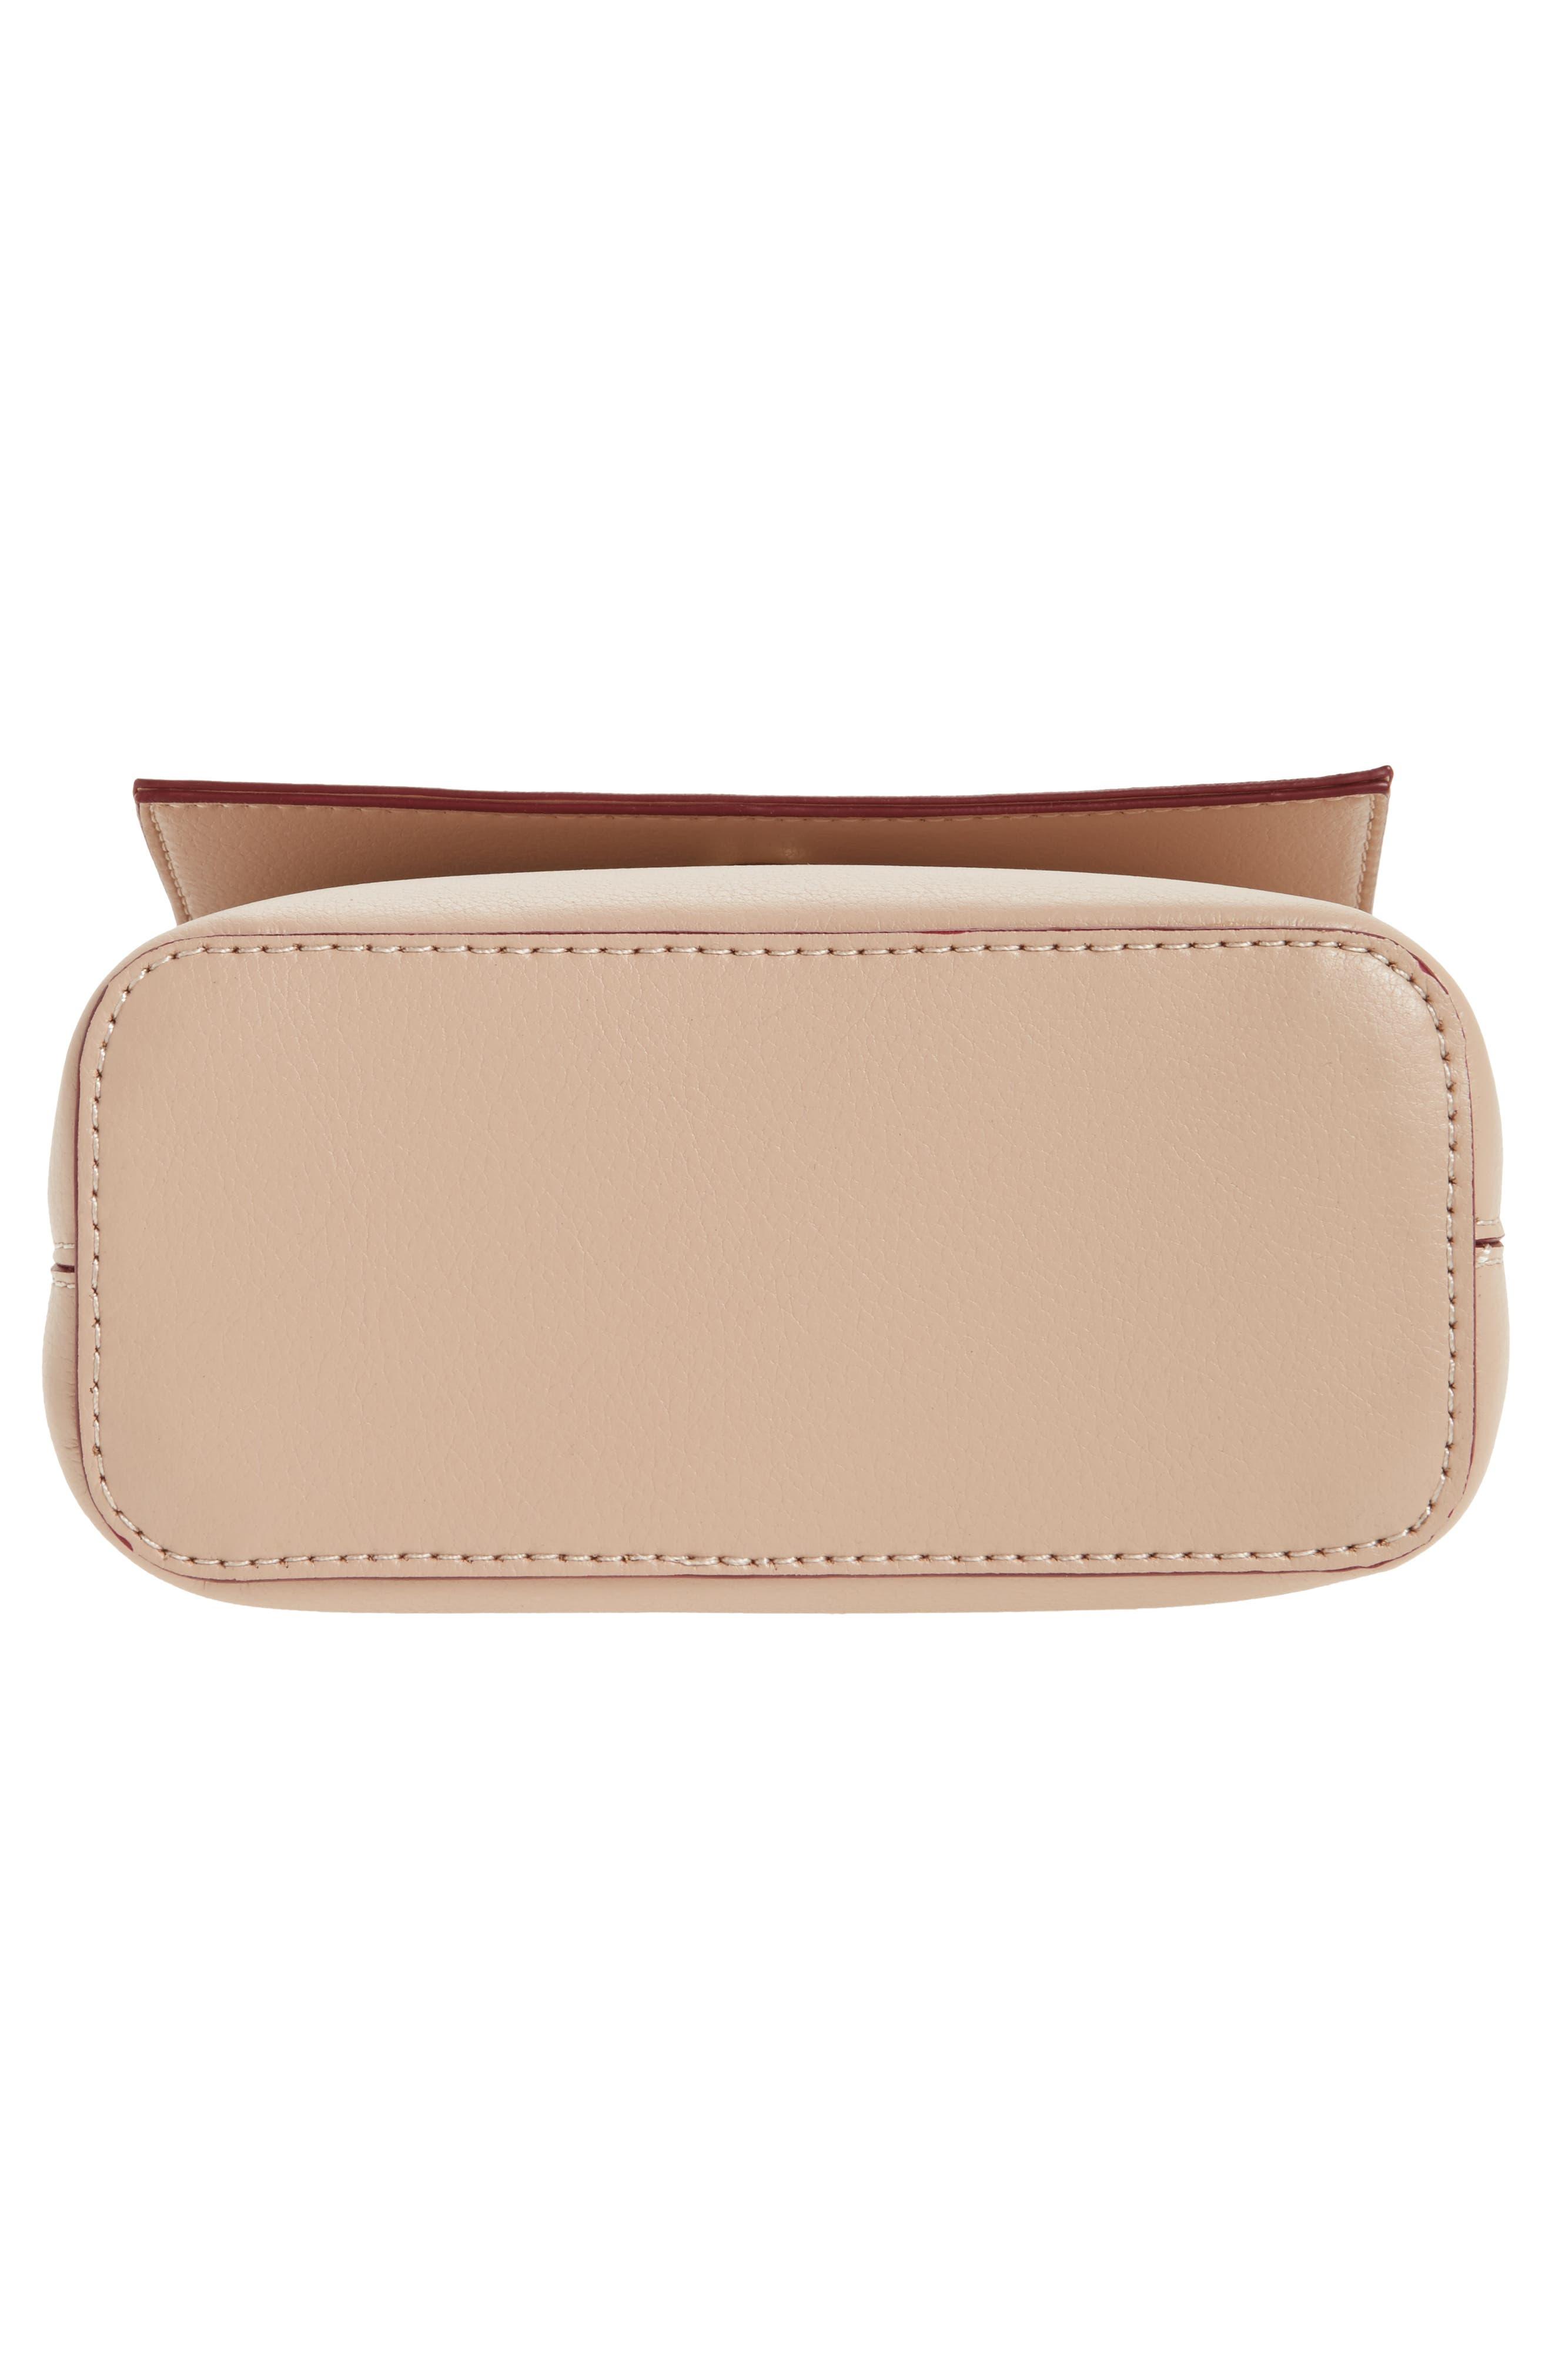 Mini Chino Crossbody Bag,                             Alternate thumbnail 6, color,                             Blush